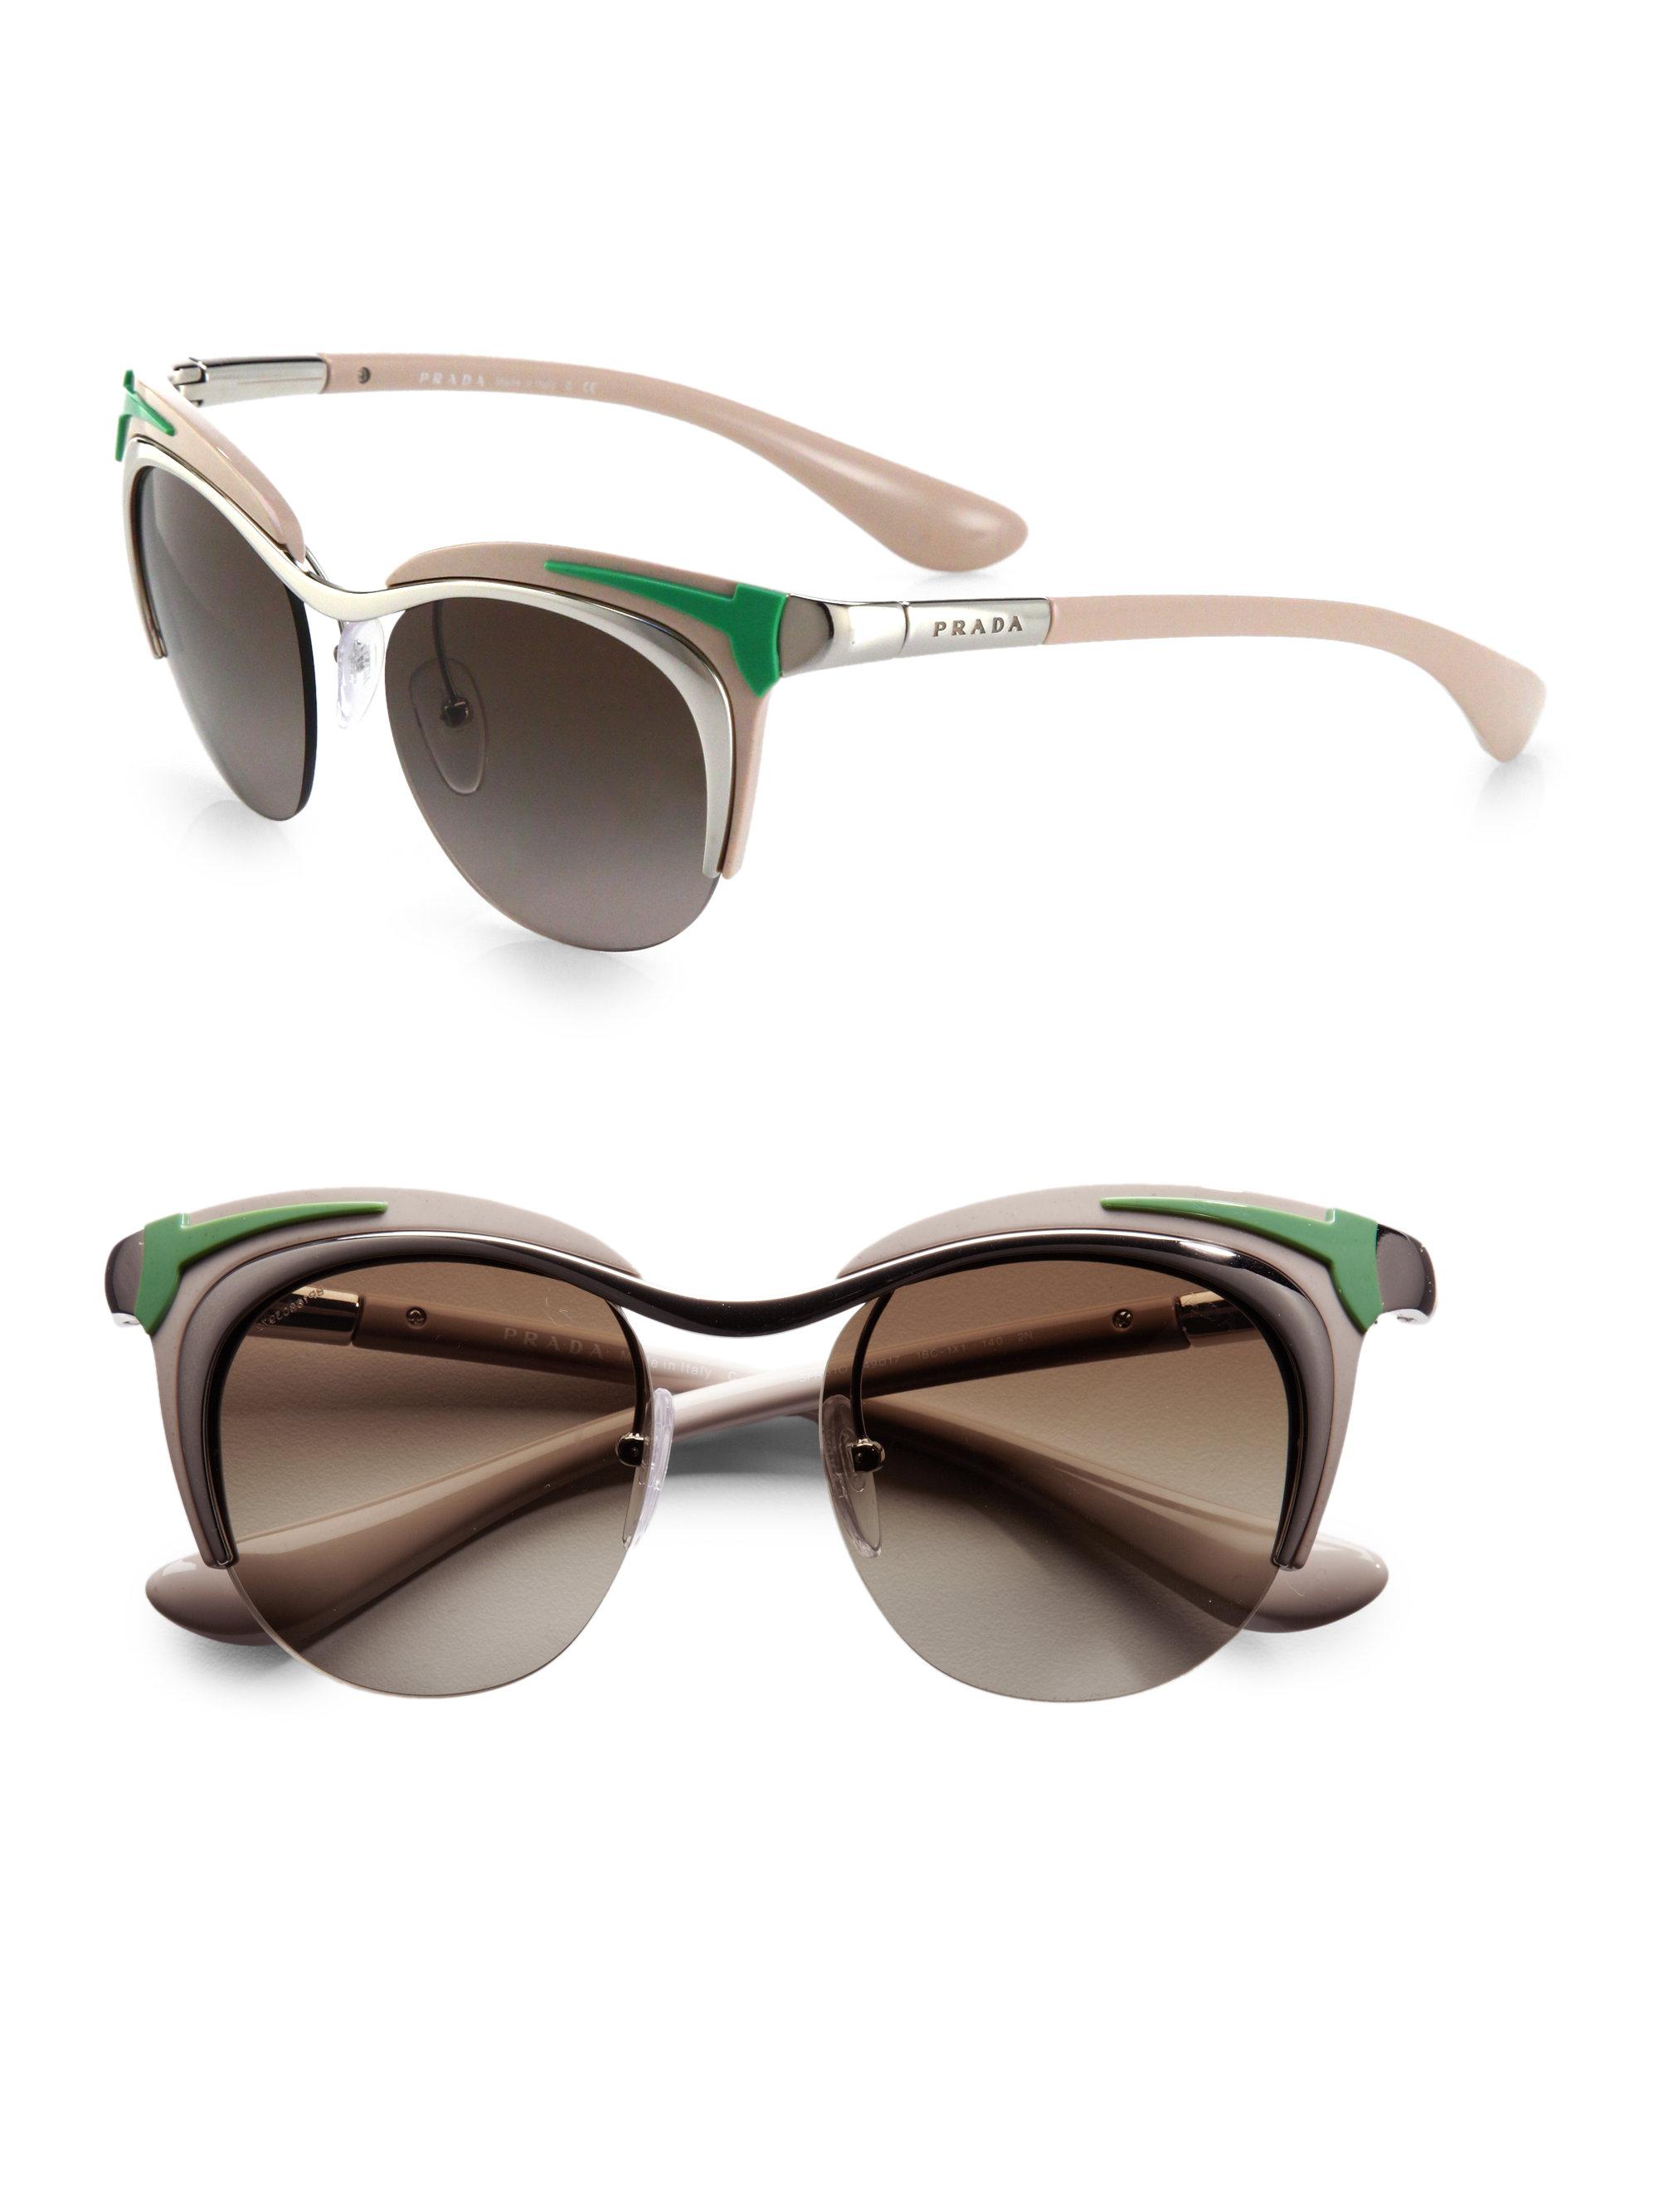 28c87813d9 ... ireland lyst prada round retro car acetate metal sunglasses in metallic  1901f d51e7